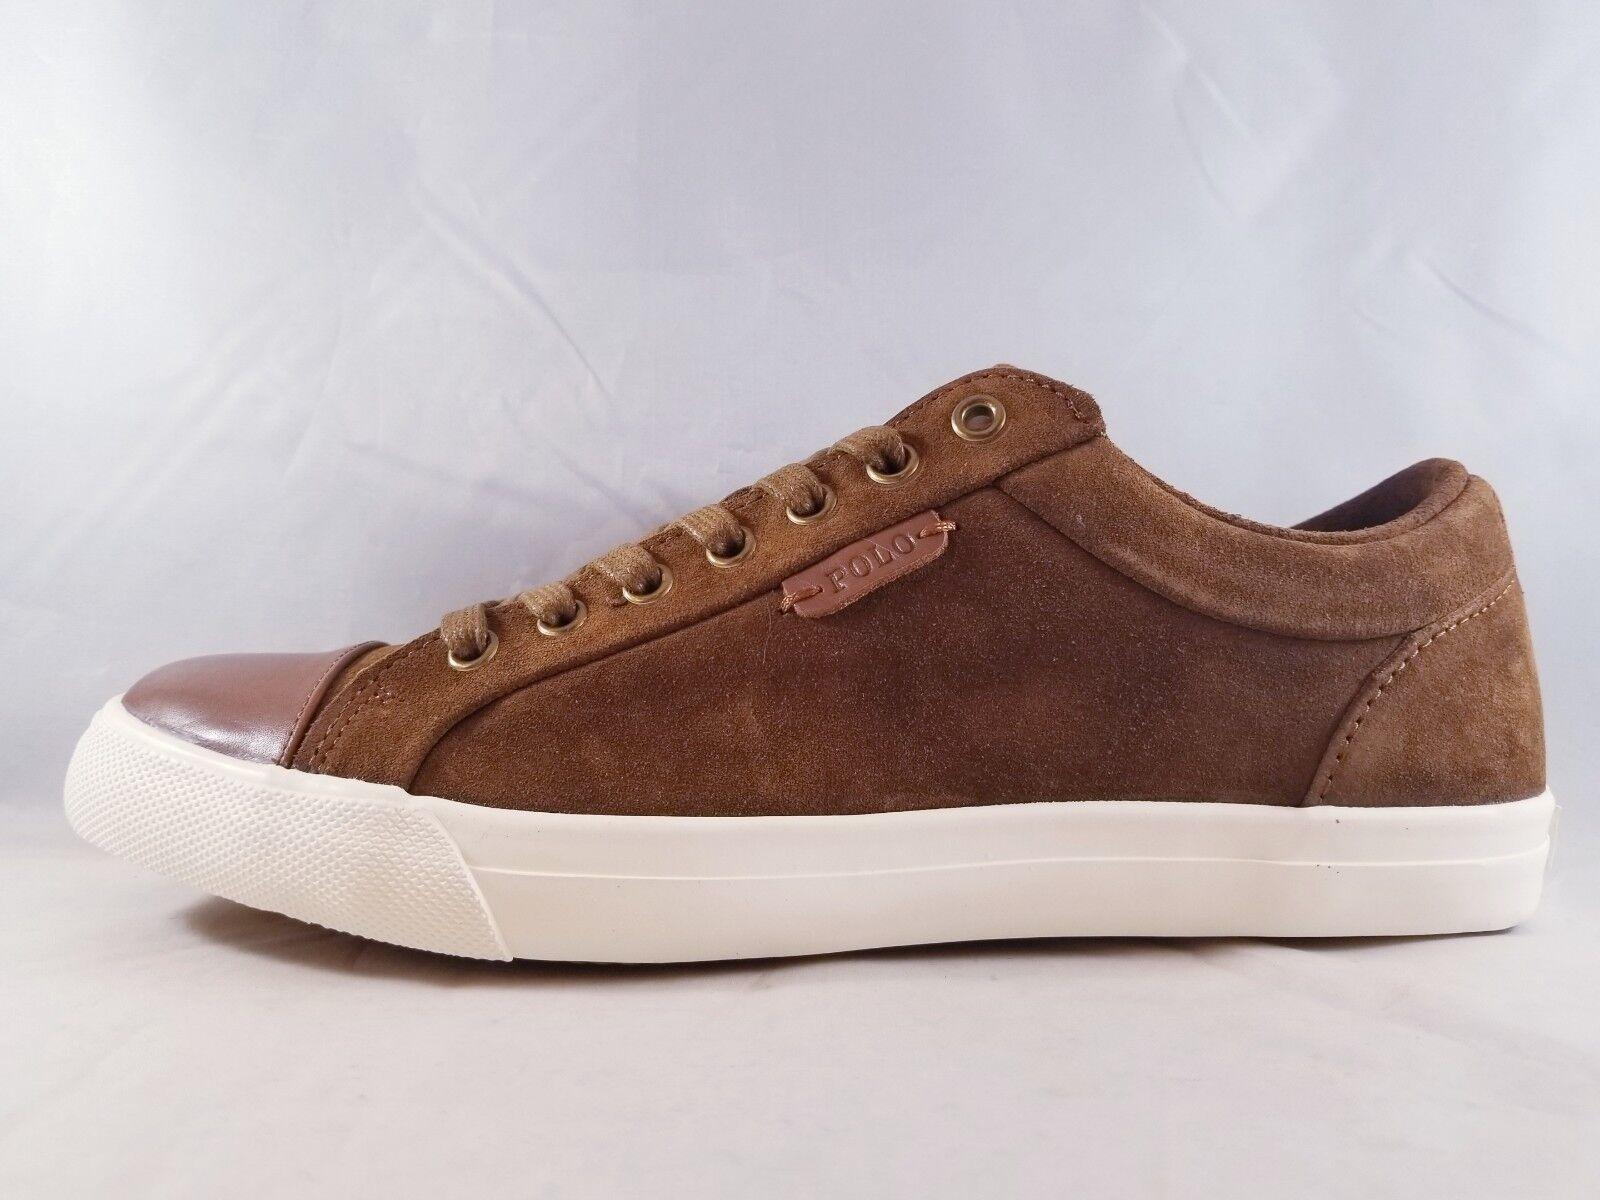 Polo Ralph Lauren Geffrey Tan Suede Men's Casual Sneaker Size 9.5